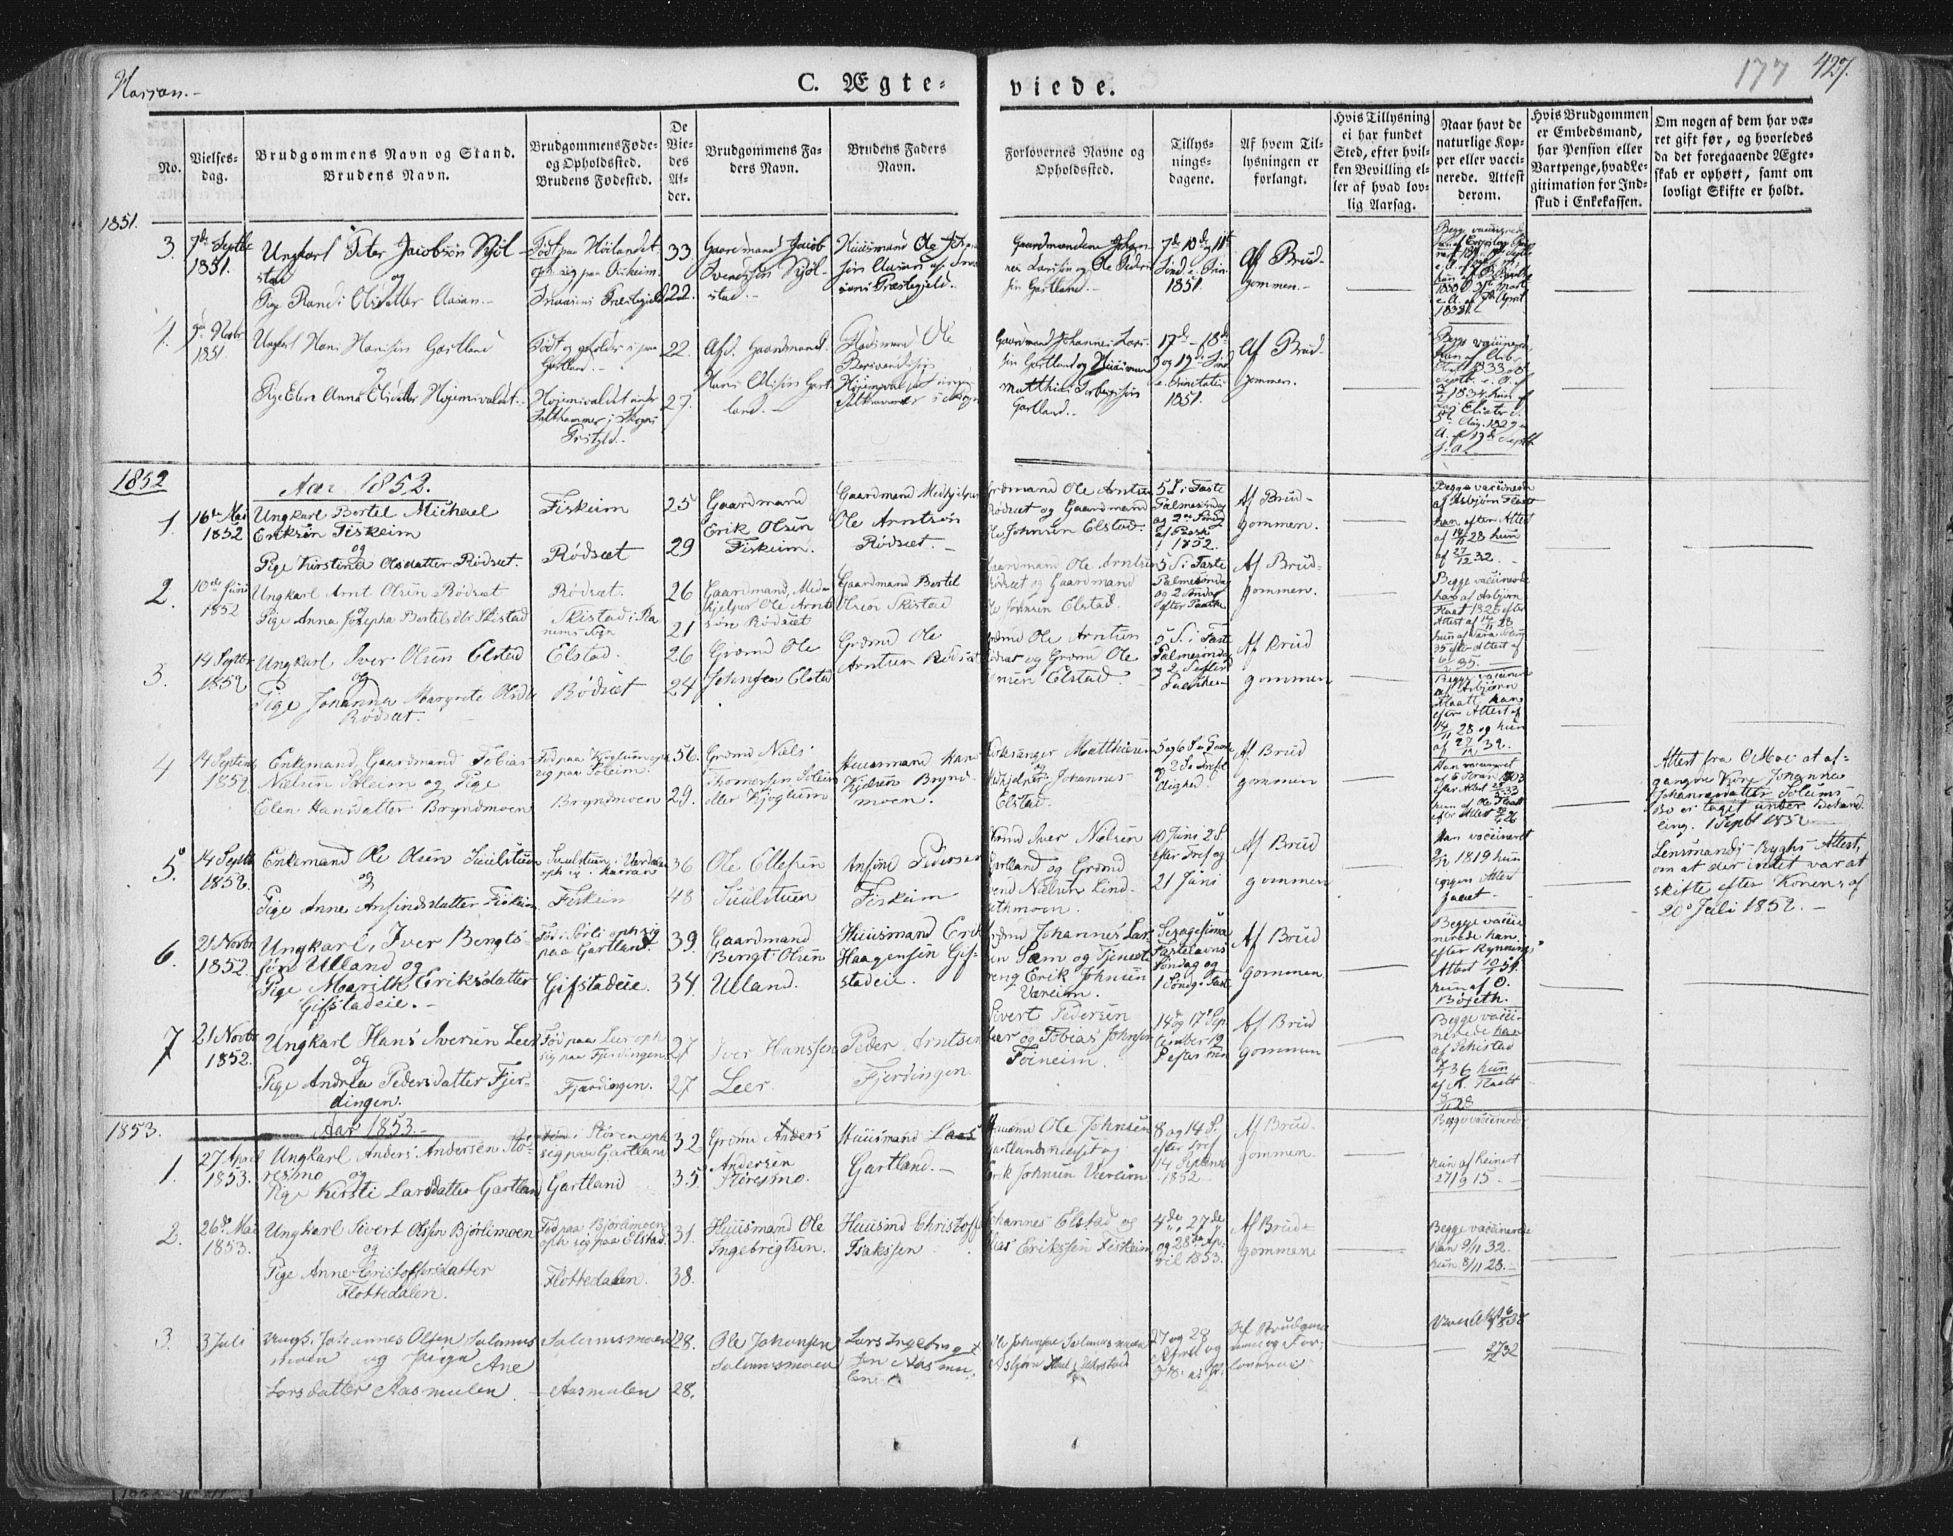 SAT, Ministerialprotokoller, klokkerbøker og fødselsregistre - Nord-Trøndelag, 758/L0513: Ministerialbok nr. 758A02 /3, 1839-1868, s. 177